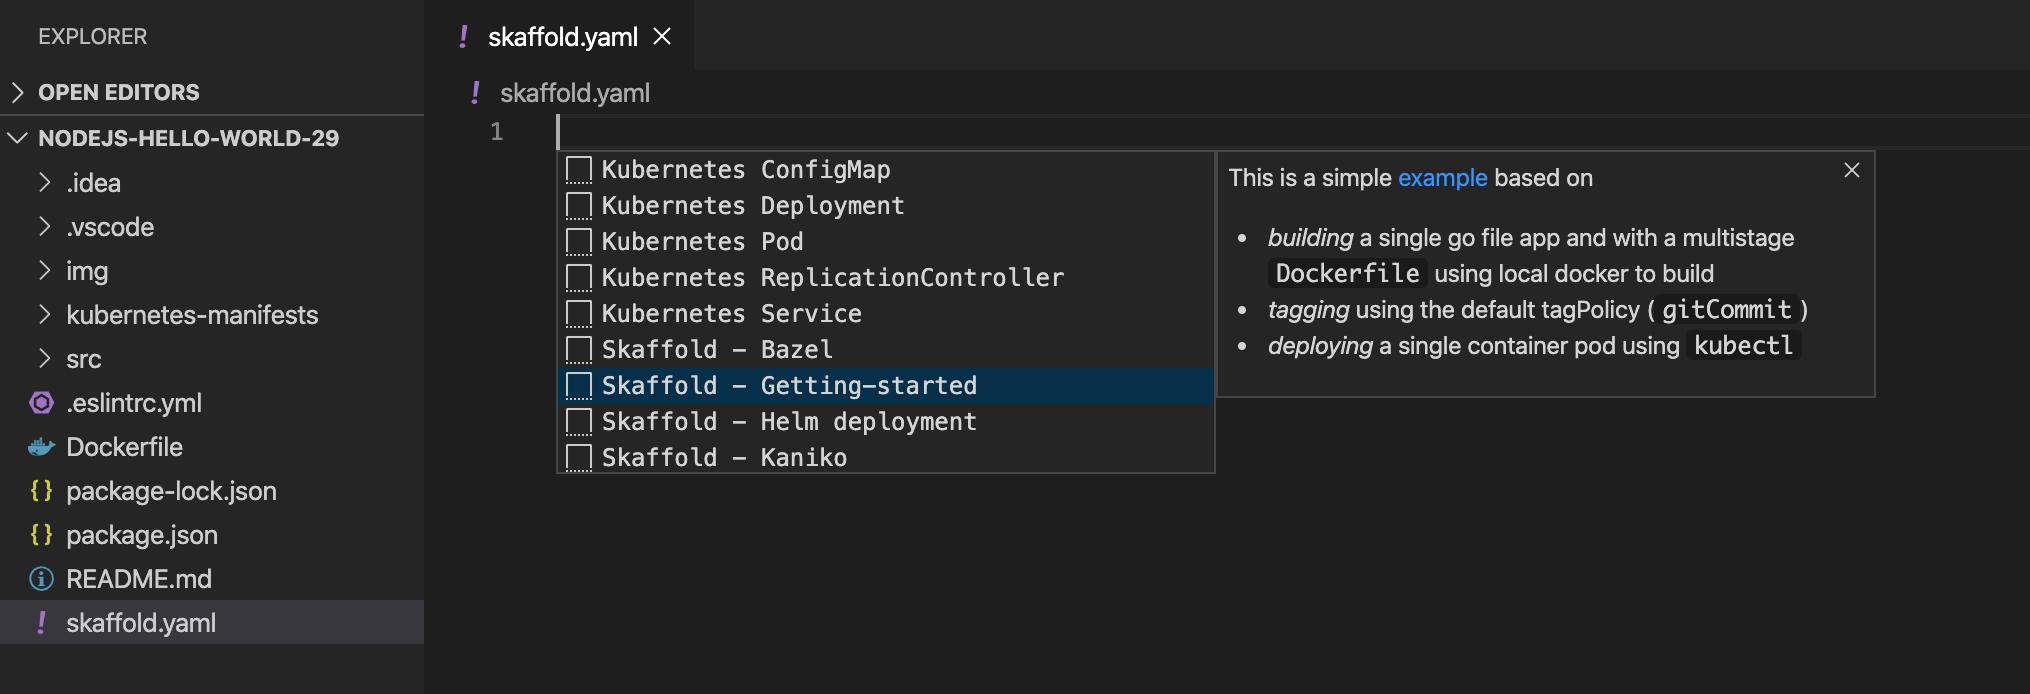 Criar a configuração do Skaffold manualmente